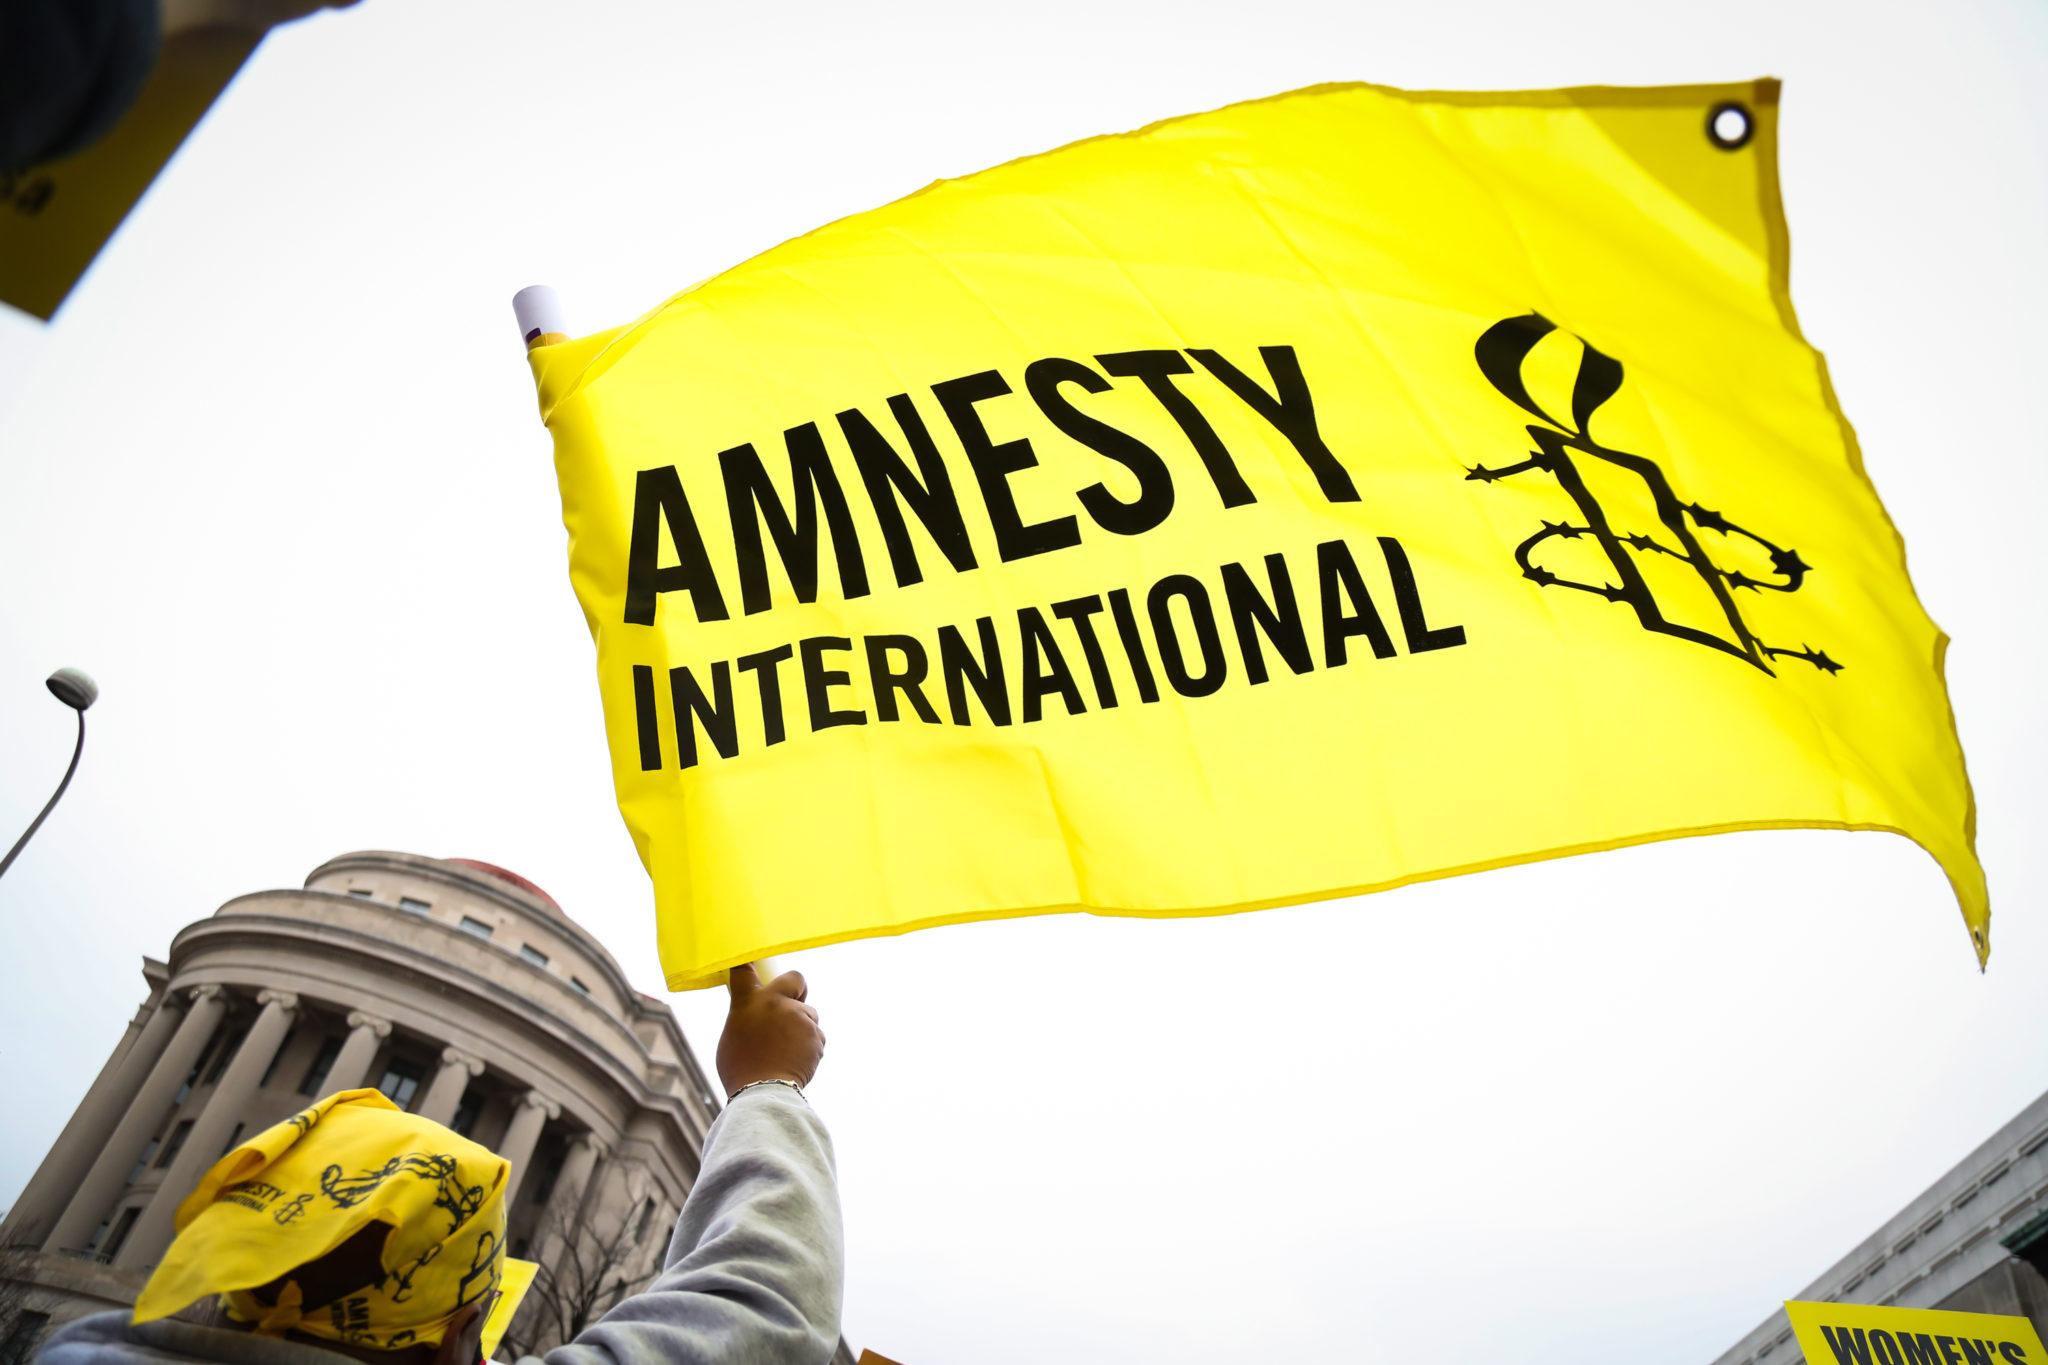 Монголын Эмнести Интернэшнлийн цаазаар авах ялын асуудлаарх байр суурь